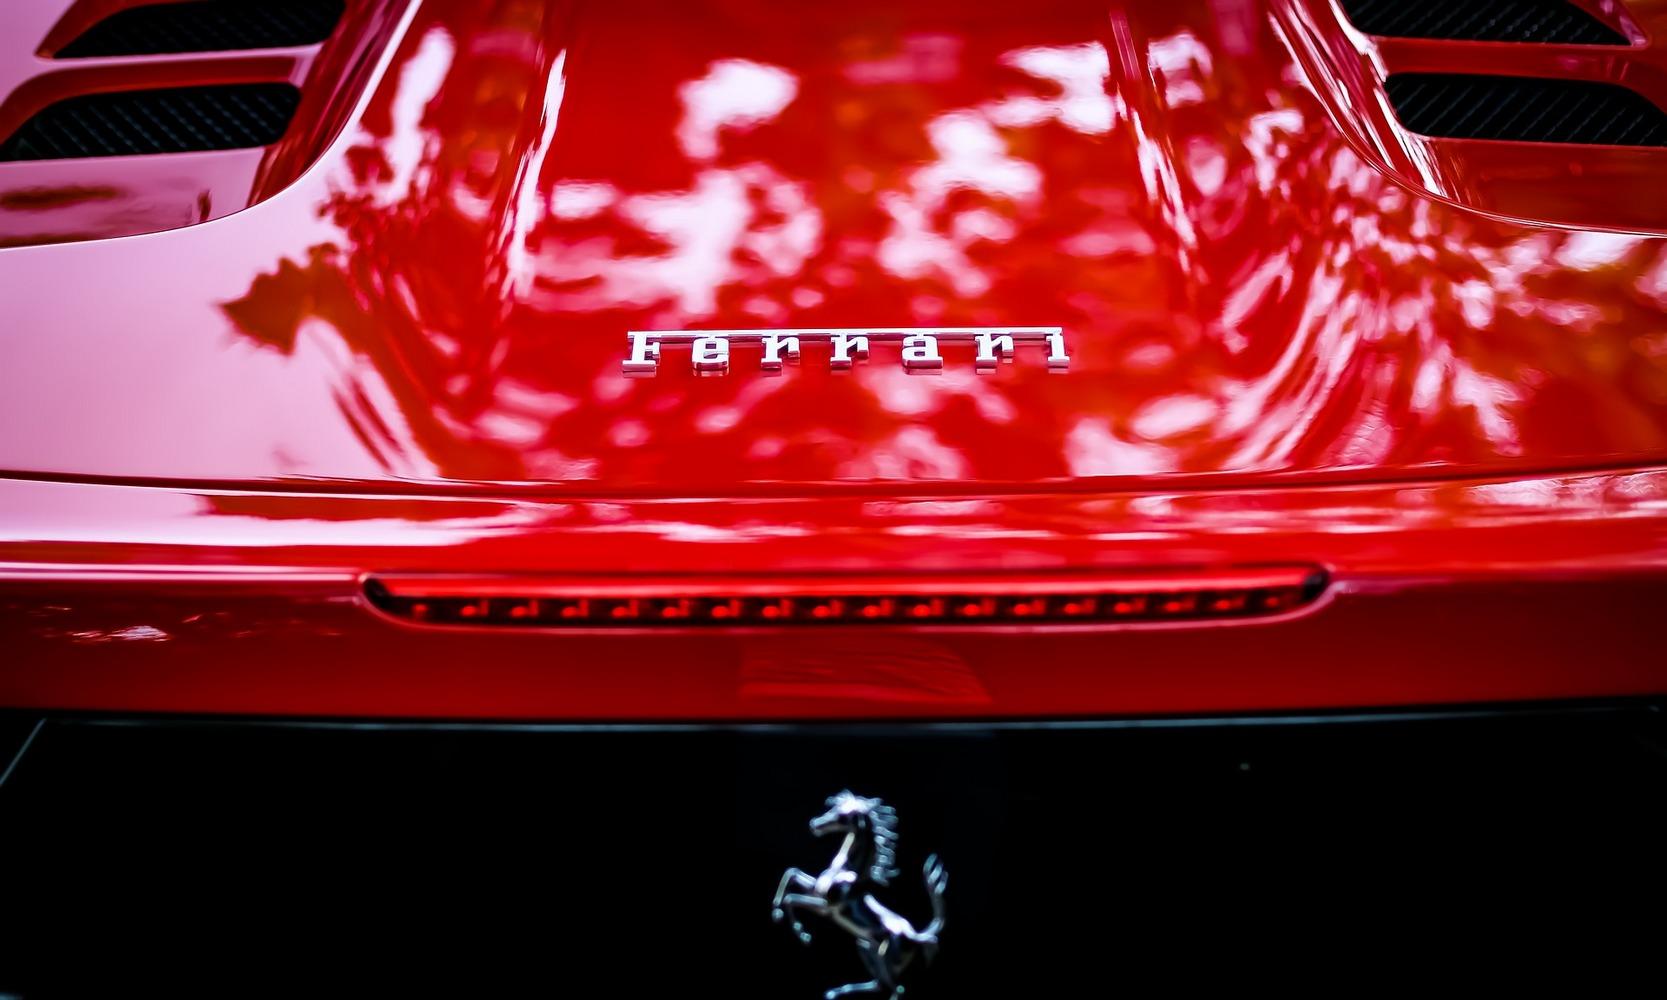 Ferrari – marka będąca symbolem Włoch